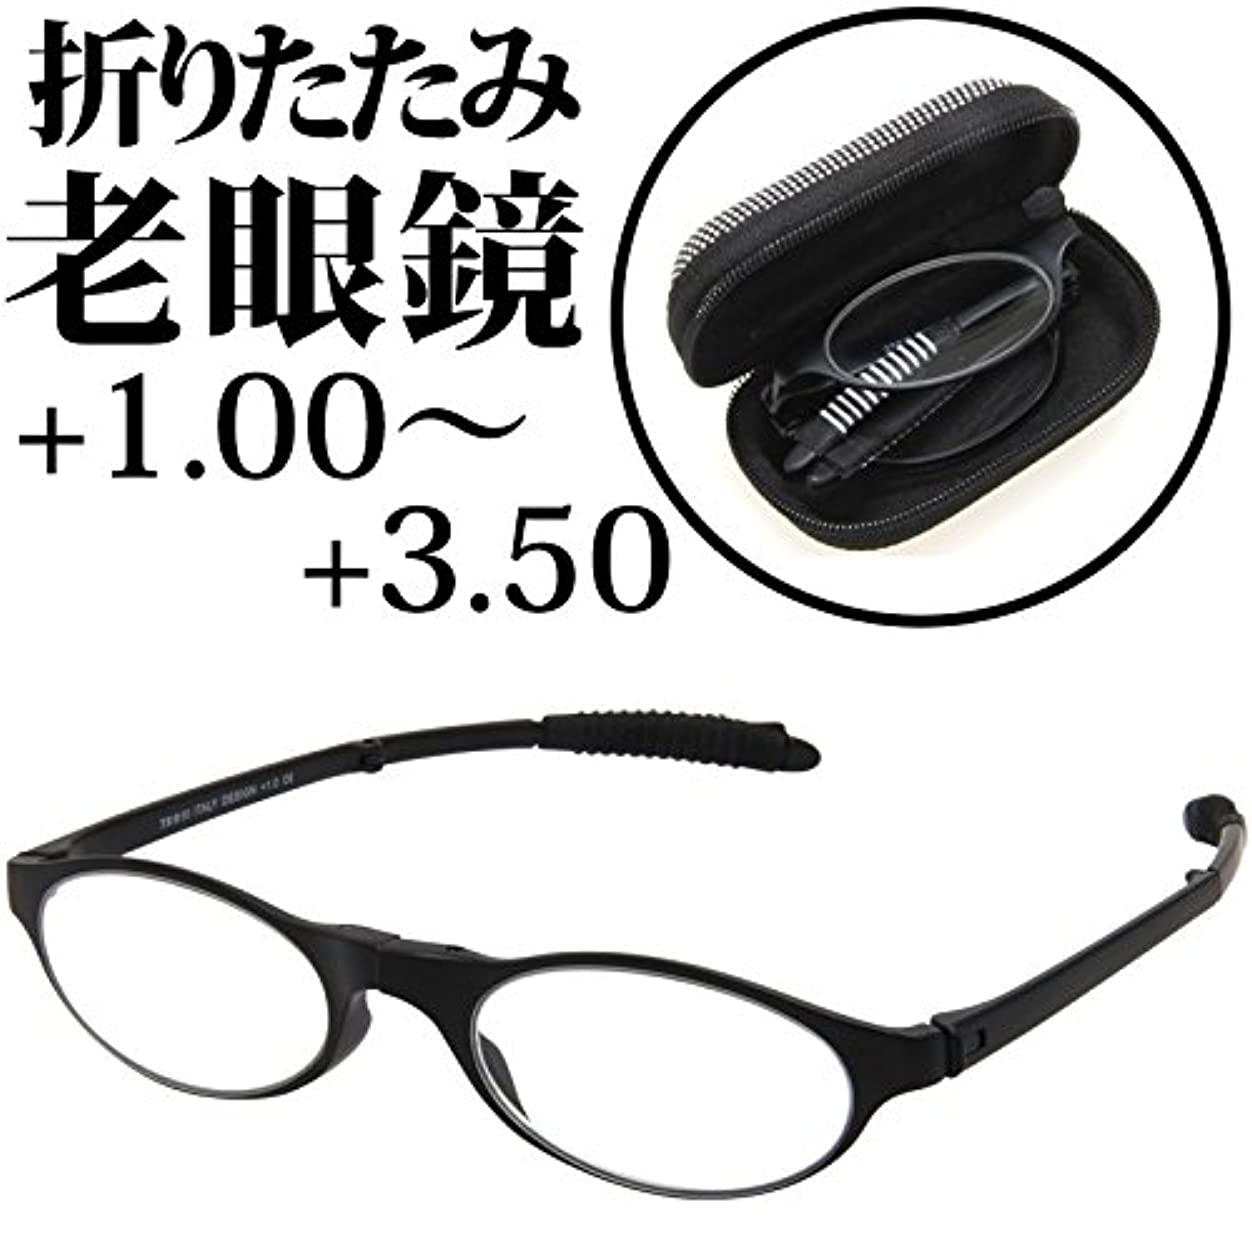 折りたたみ老眼鏡 リーディンググラス シニアグラスブラック 308BK※このページは「+1.00」のみの販売です◆+1.00